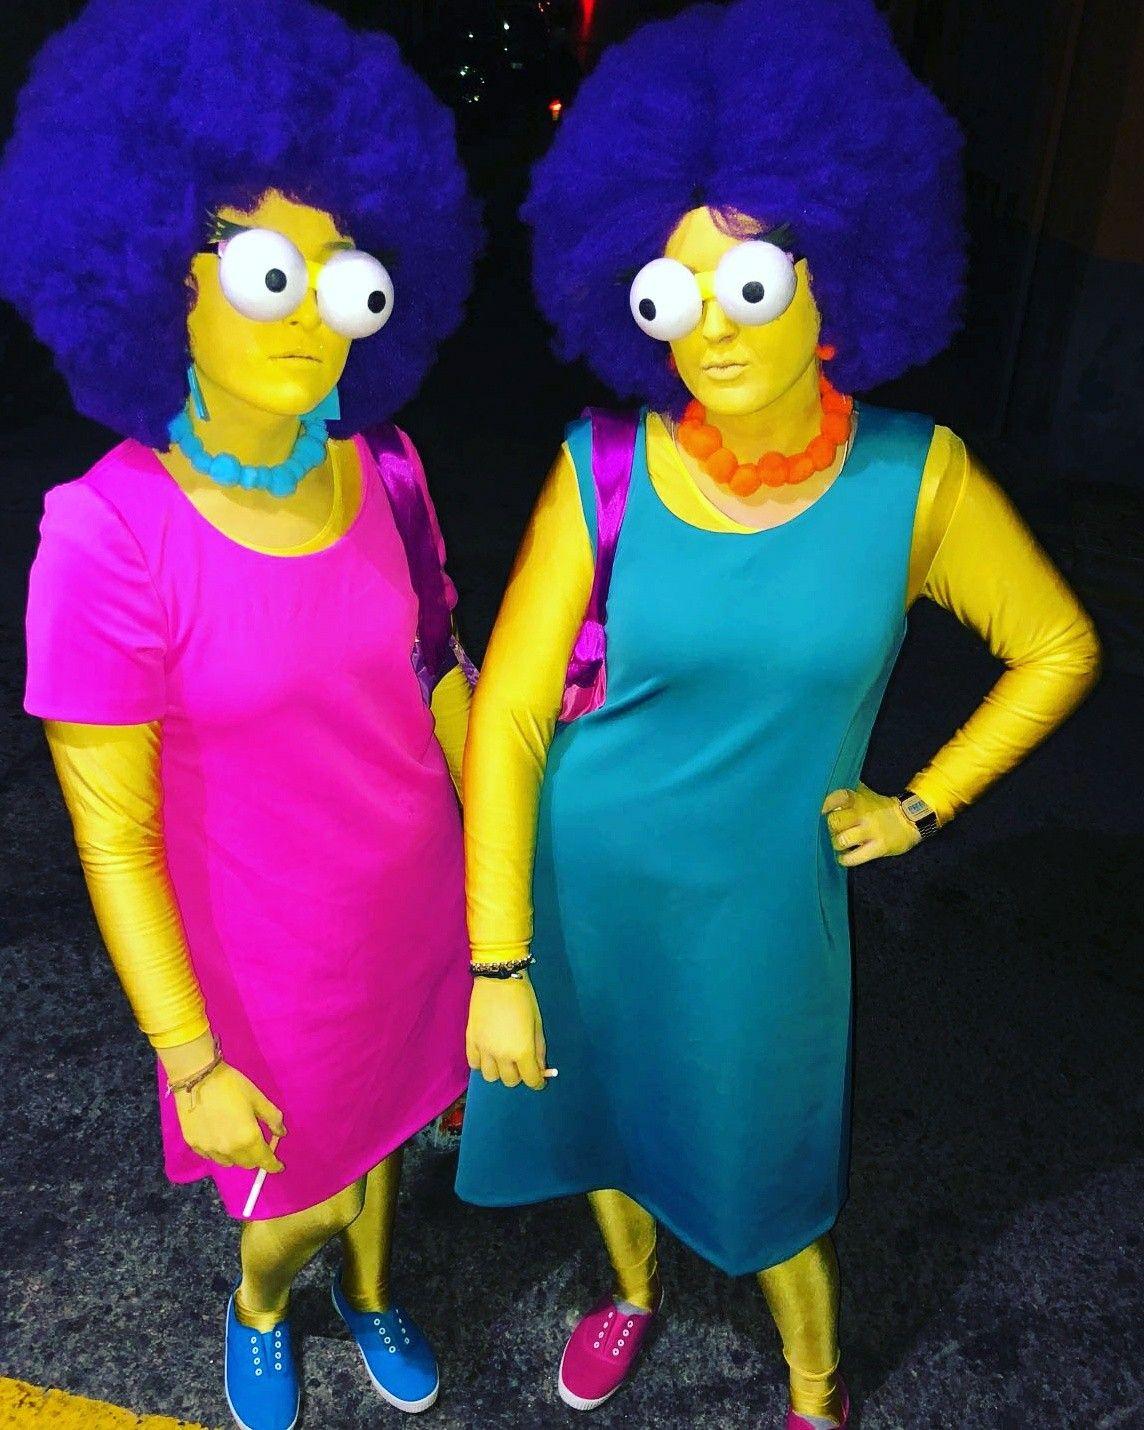 Disfraz De Patty Y Selma De Los Simpsons Simpsons Patty Selma - Disfraces-simpsons